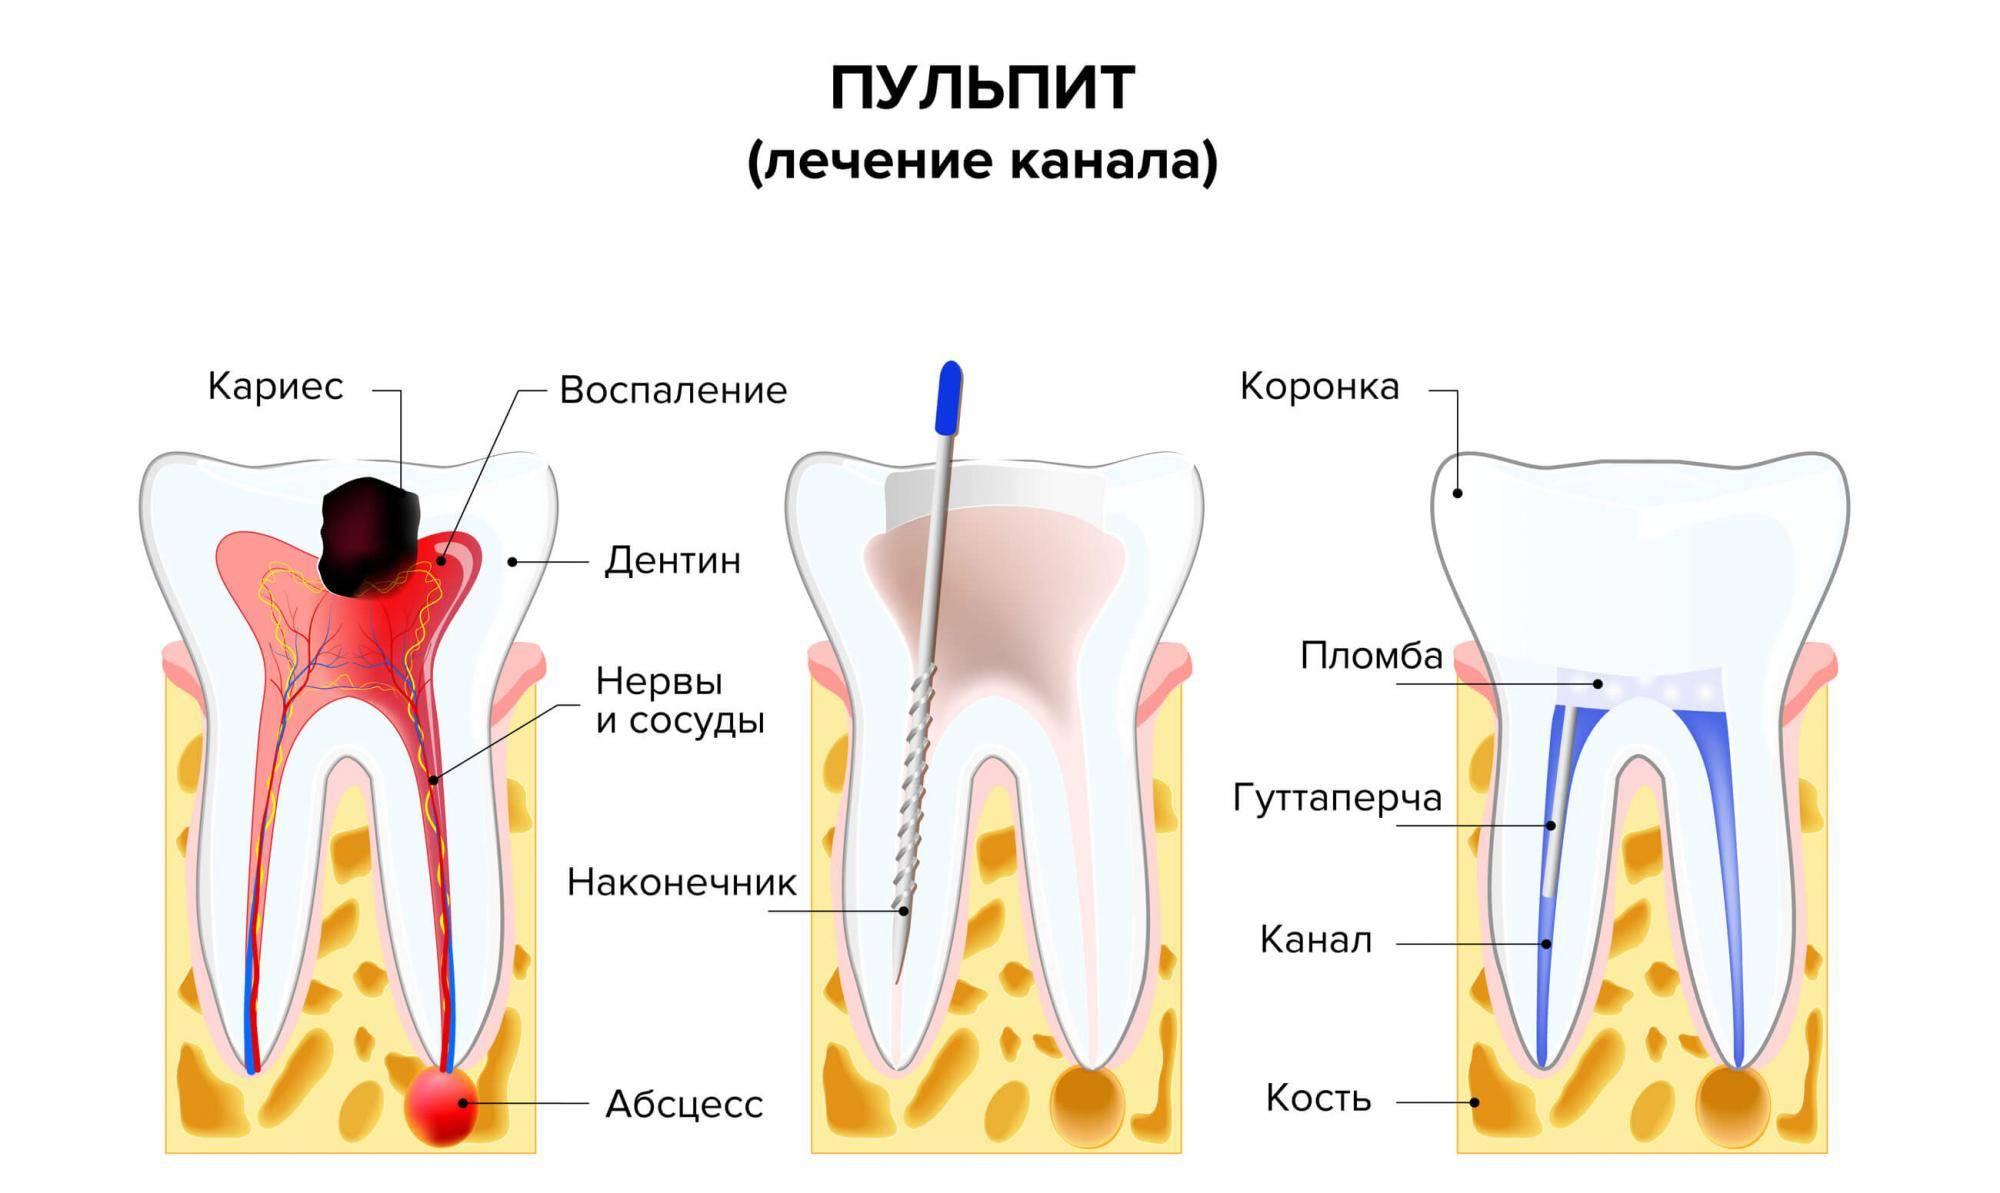 Как лечить пульпит в домашних условиях народными средствами | rvdku.ru